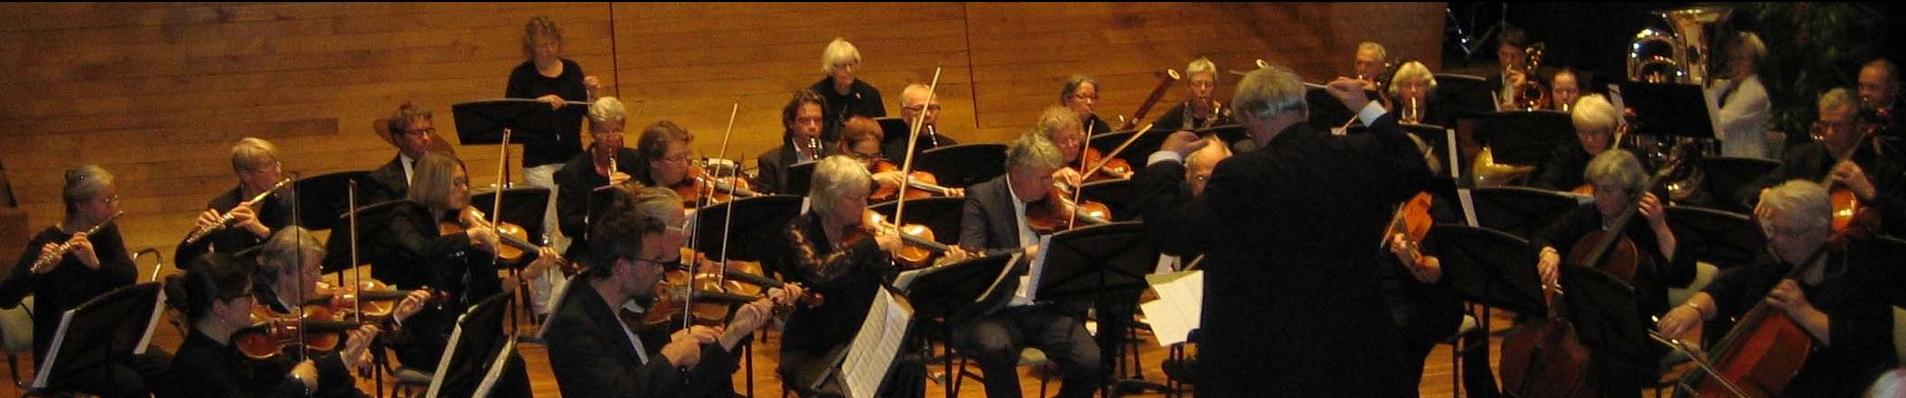 orkest 2 bijgewerkt